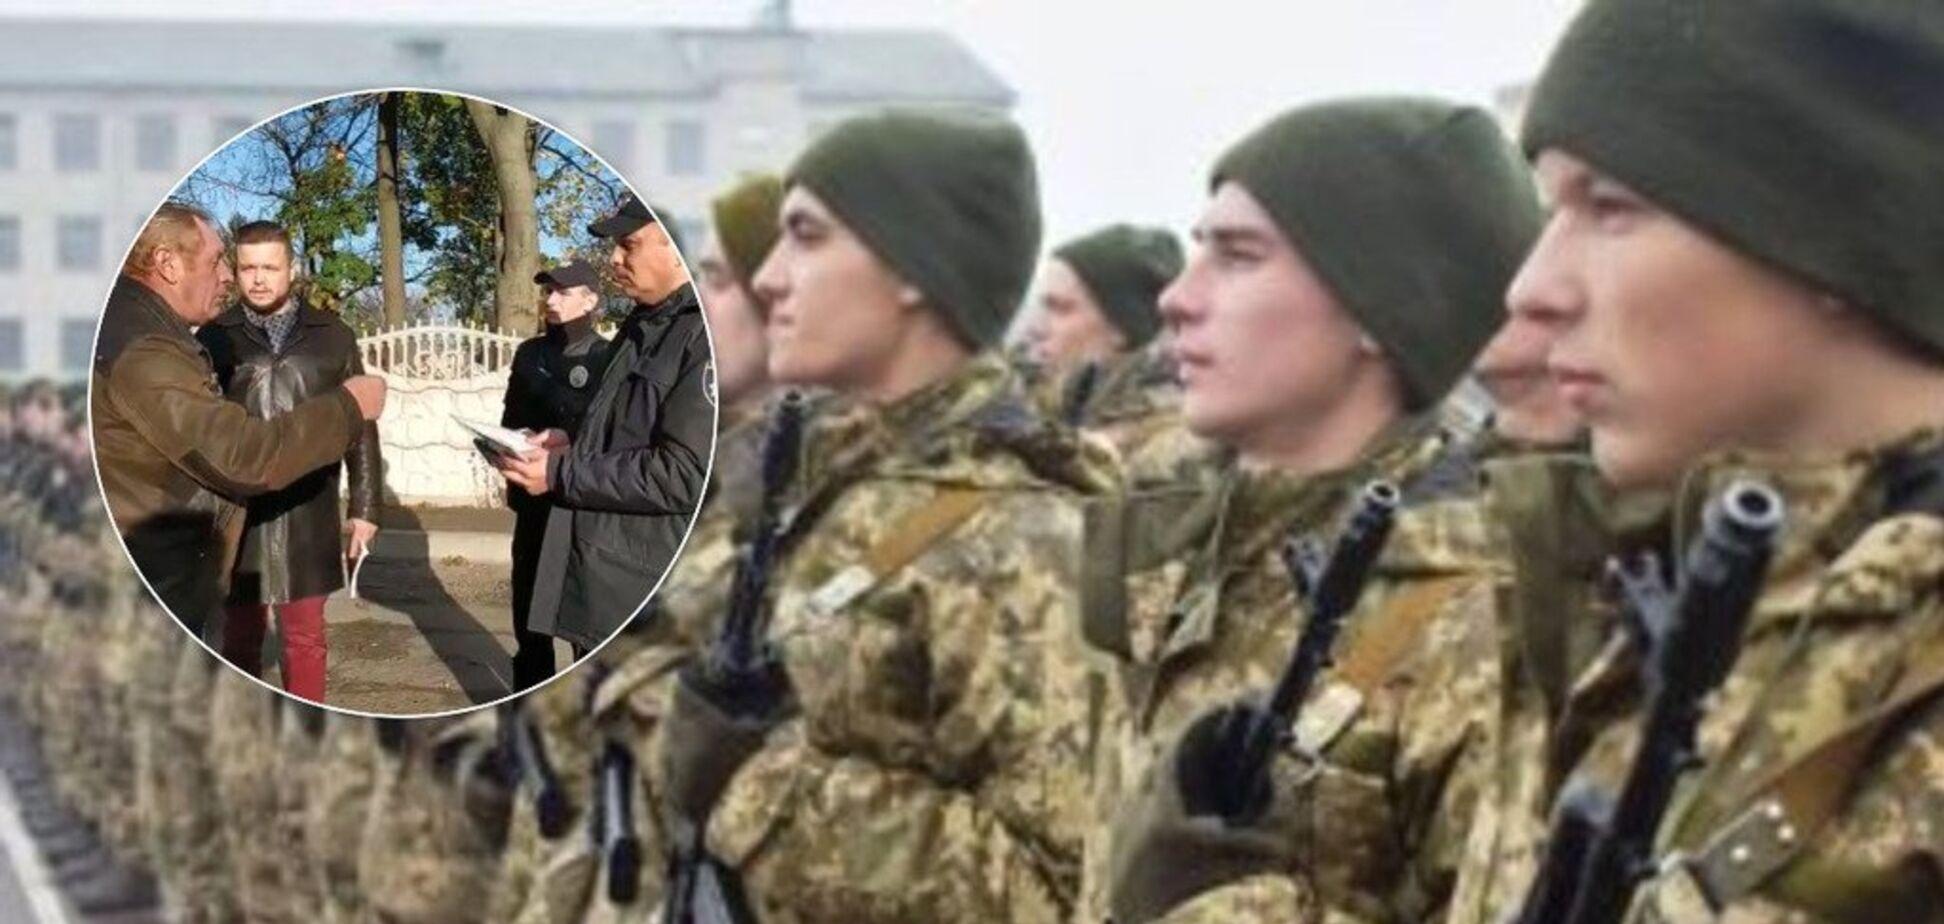 Зашли в кабинет, пригрозили и увезли: как в Украине охотятся на призывников